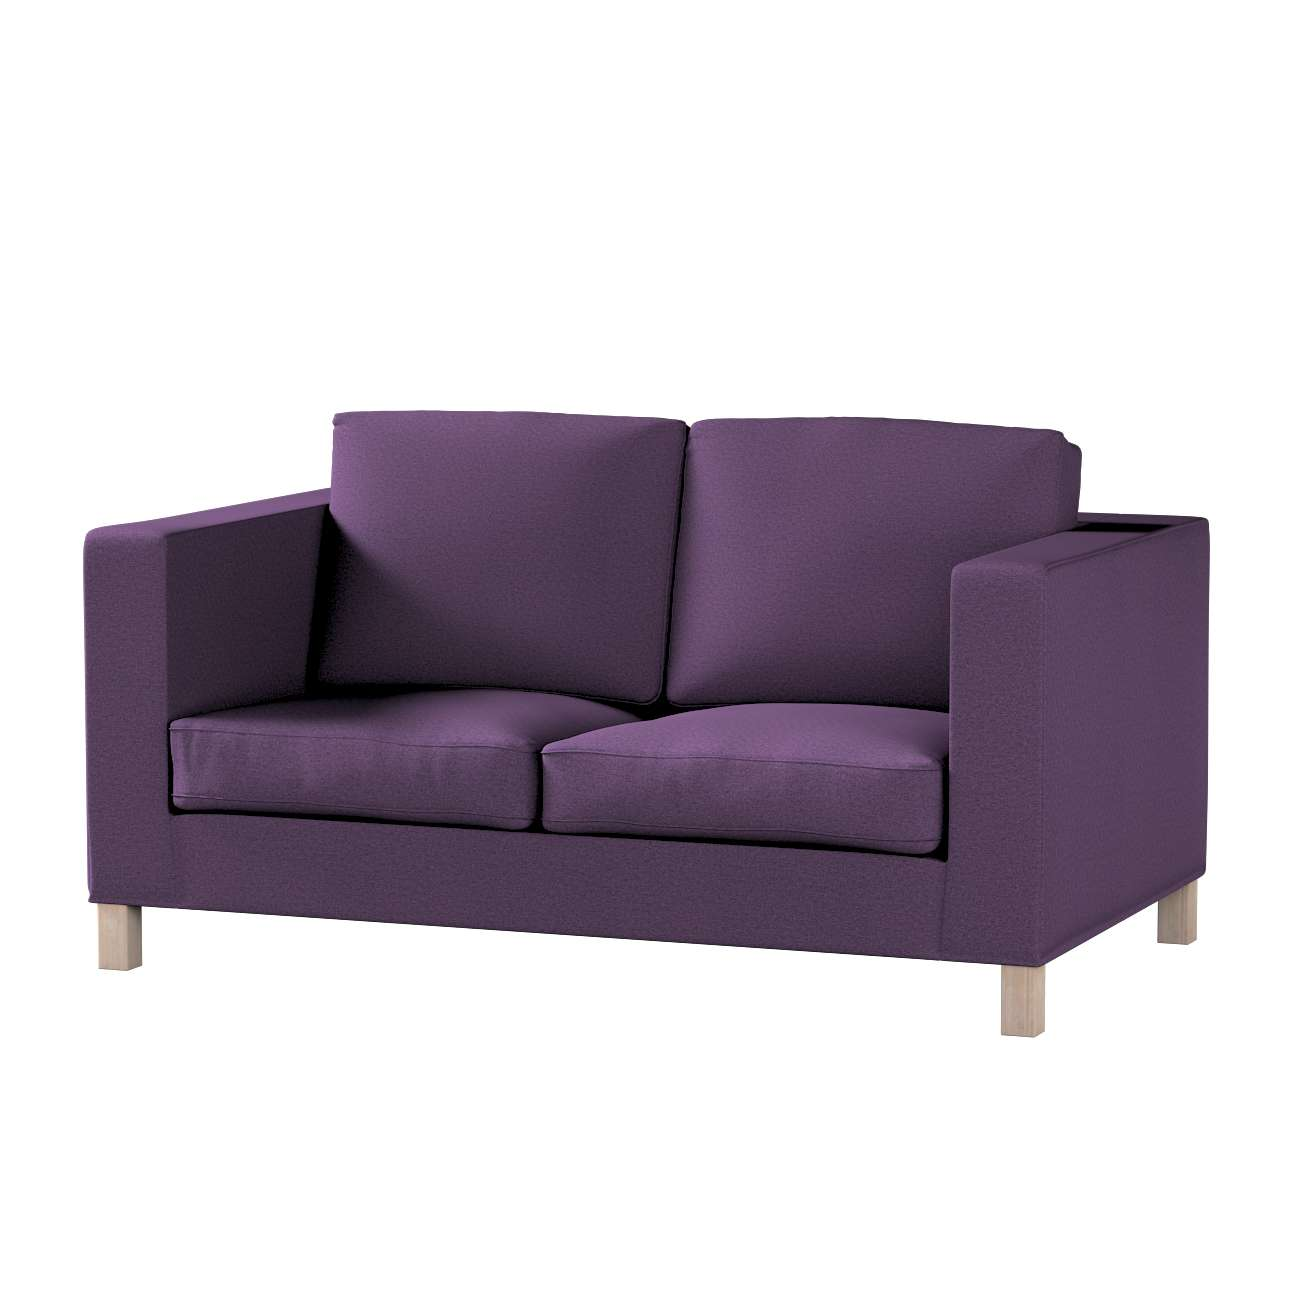 Karlanda klädsel<br>2-sits soffa - kort klädsel i kollektionen Etna, Tyg: 161-27